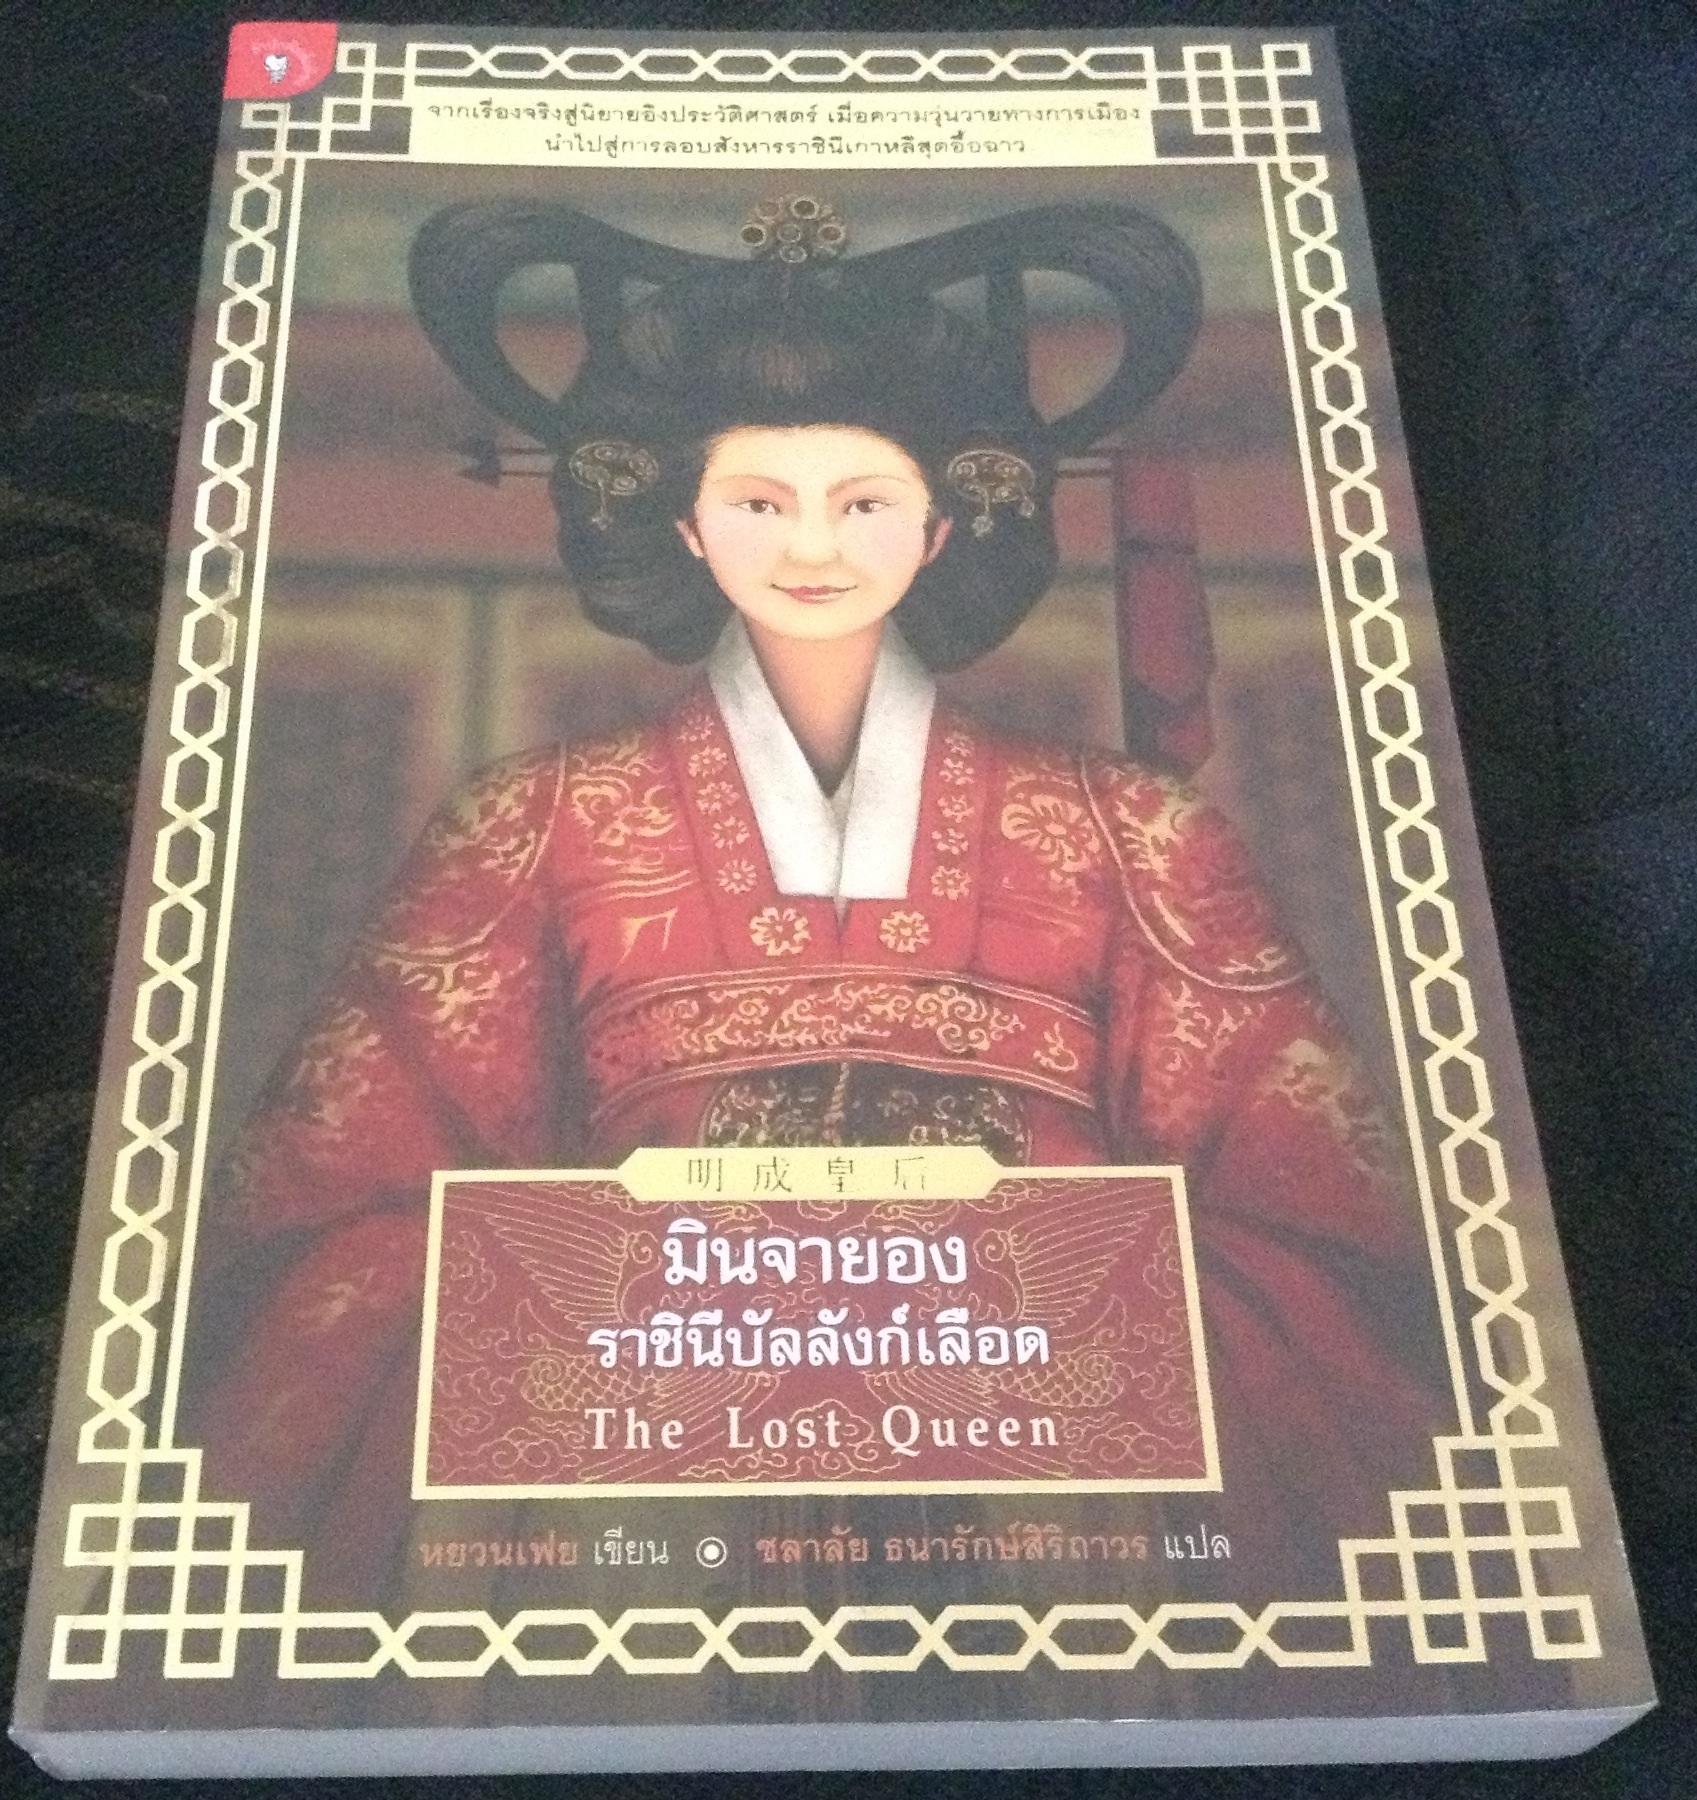 มินจายอง ราชินีบัลลังก์เลือด The Lost Queen มือหนึ่ง ราคา 240 -  ร้านหนังสือมือสอง ขายหนังสือนิทาน นิยาย หนังสือความรู้ ภาษาไทย ภาษาอังกฤษ  หนังสือการ์ตูน หนังสือสะอาด ส่งของไว ไม่แพง : Inspired by LnwShop.com